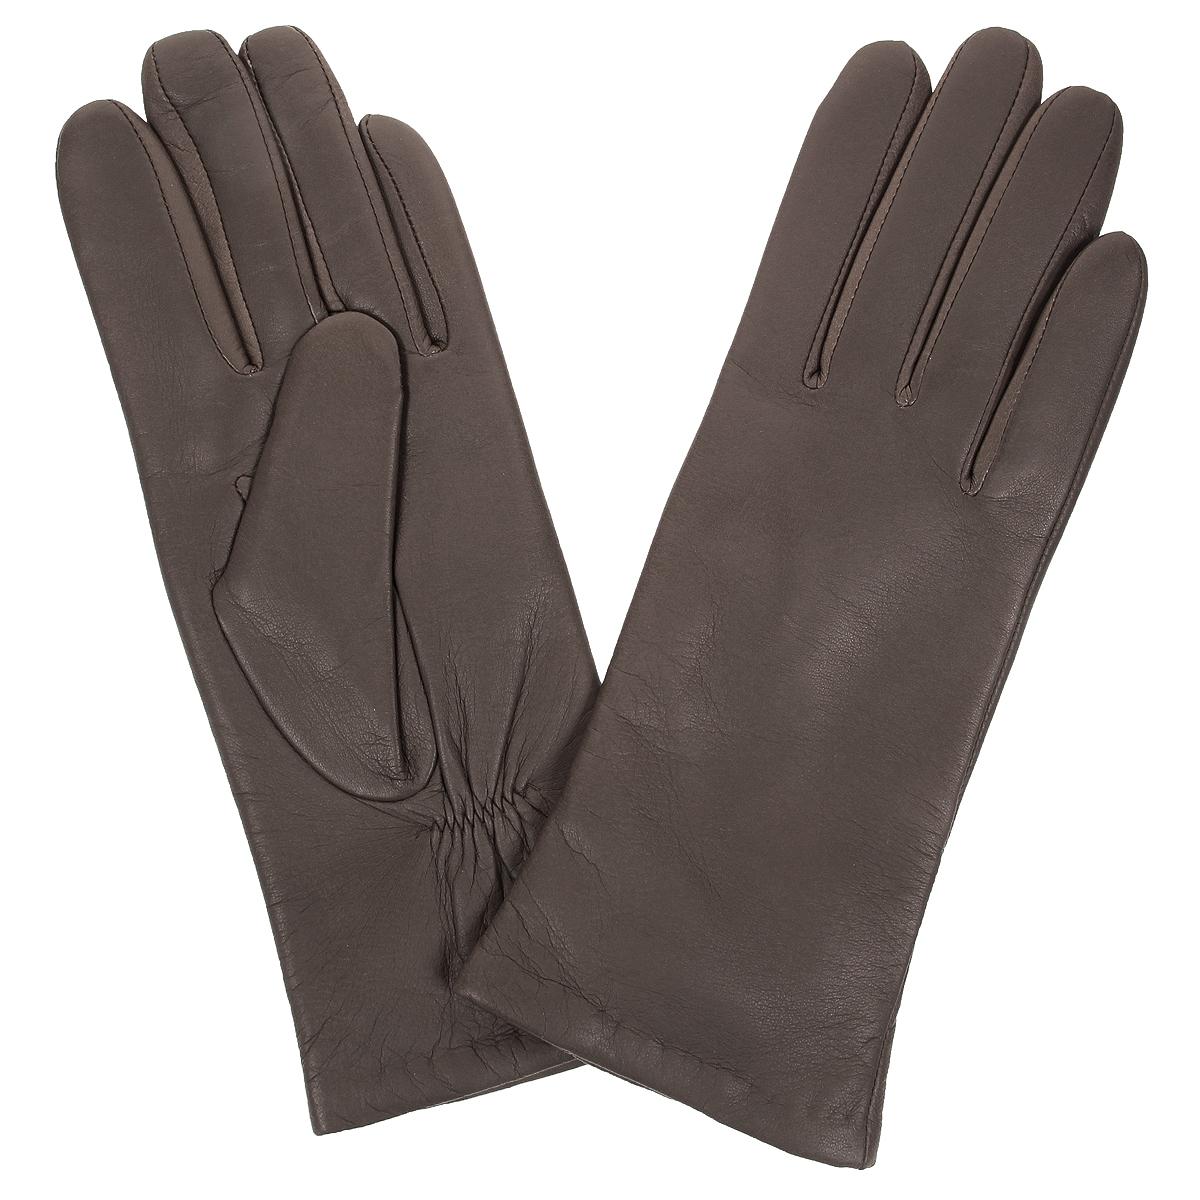 ПерчаткиW9904/10Стильные женские перчатки Baggini не только защитят ваши руки от холода, но и станут великолепным украшением. Перчатки выполнены из чрезвычайно мягкой и приятной на ощупь натуральной кожи, а их подкладка - из шерсти. На тыльной стороне есть небольшая сборка резинкой для того, чтобы перчатки лучше сидели. В настоящее время перчатки являются неотъемлемой принадлежностью одежды, вместе с этим аксессуаром вы обретаете женственность и элегантность. Перчатки станут завершающим и подчеркивающим элементом вашего стиля и неповторимости.